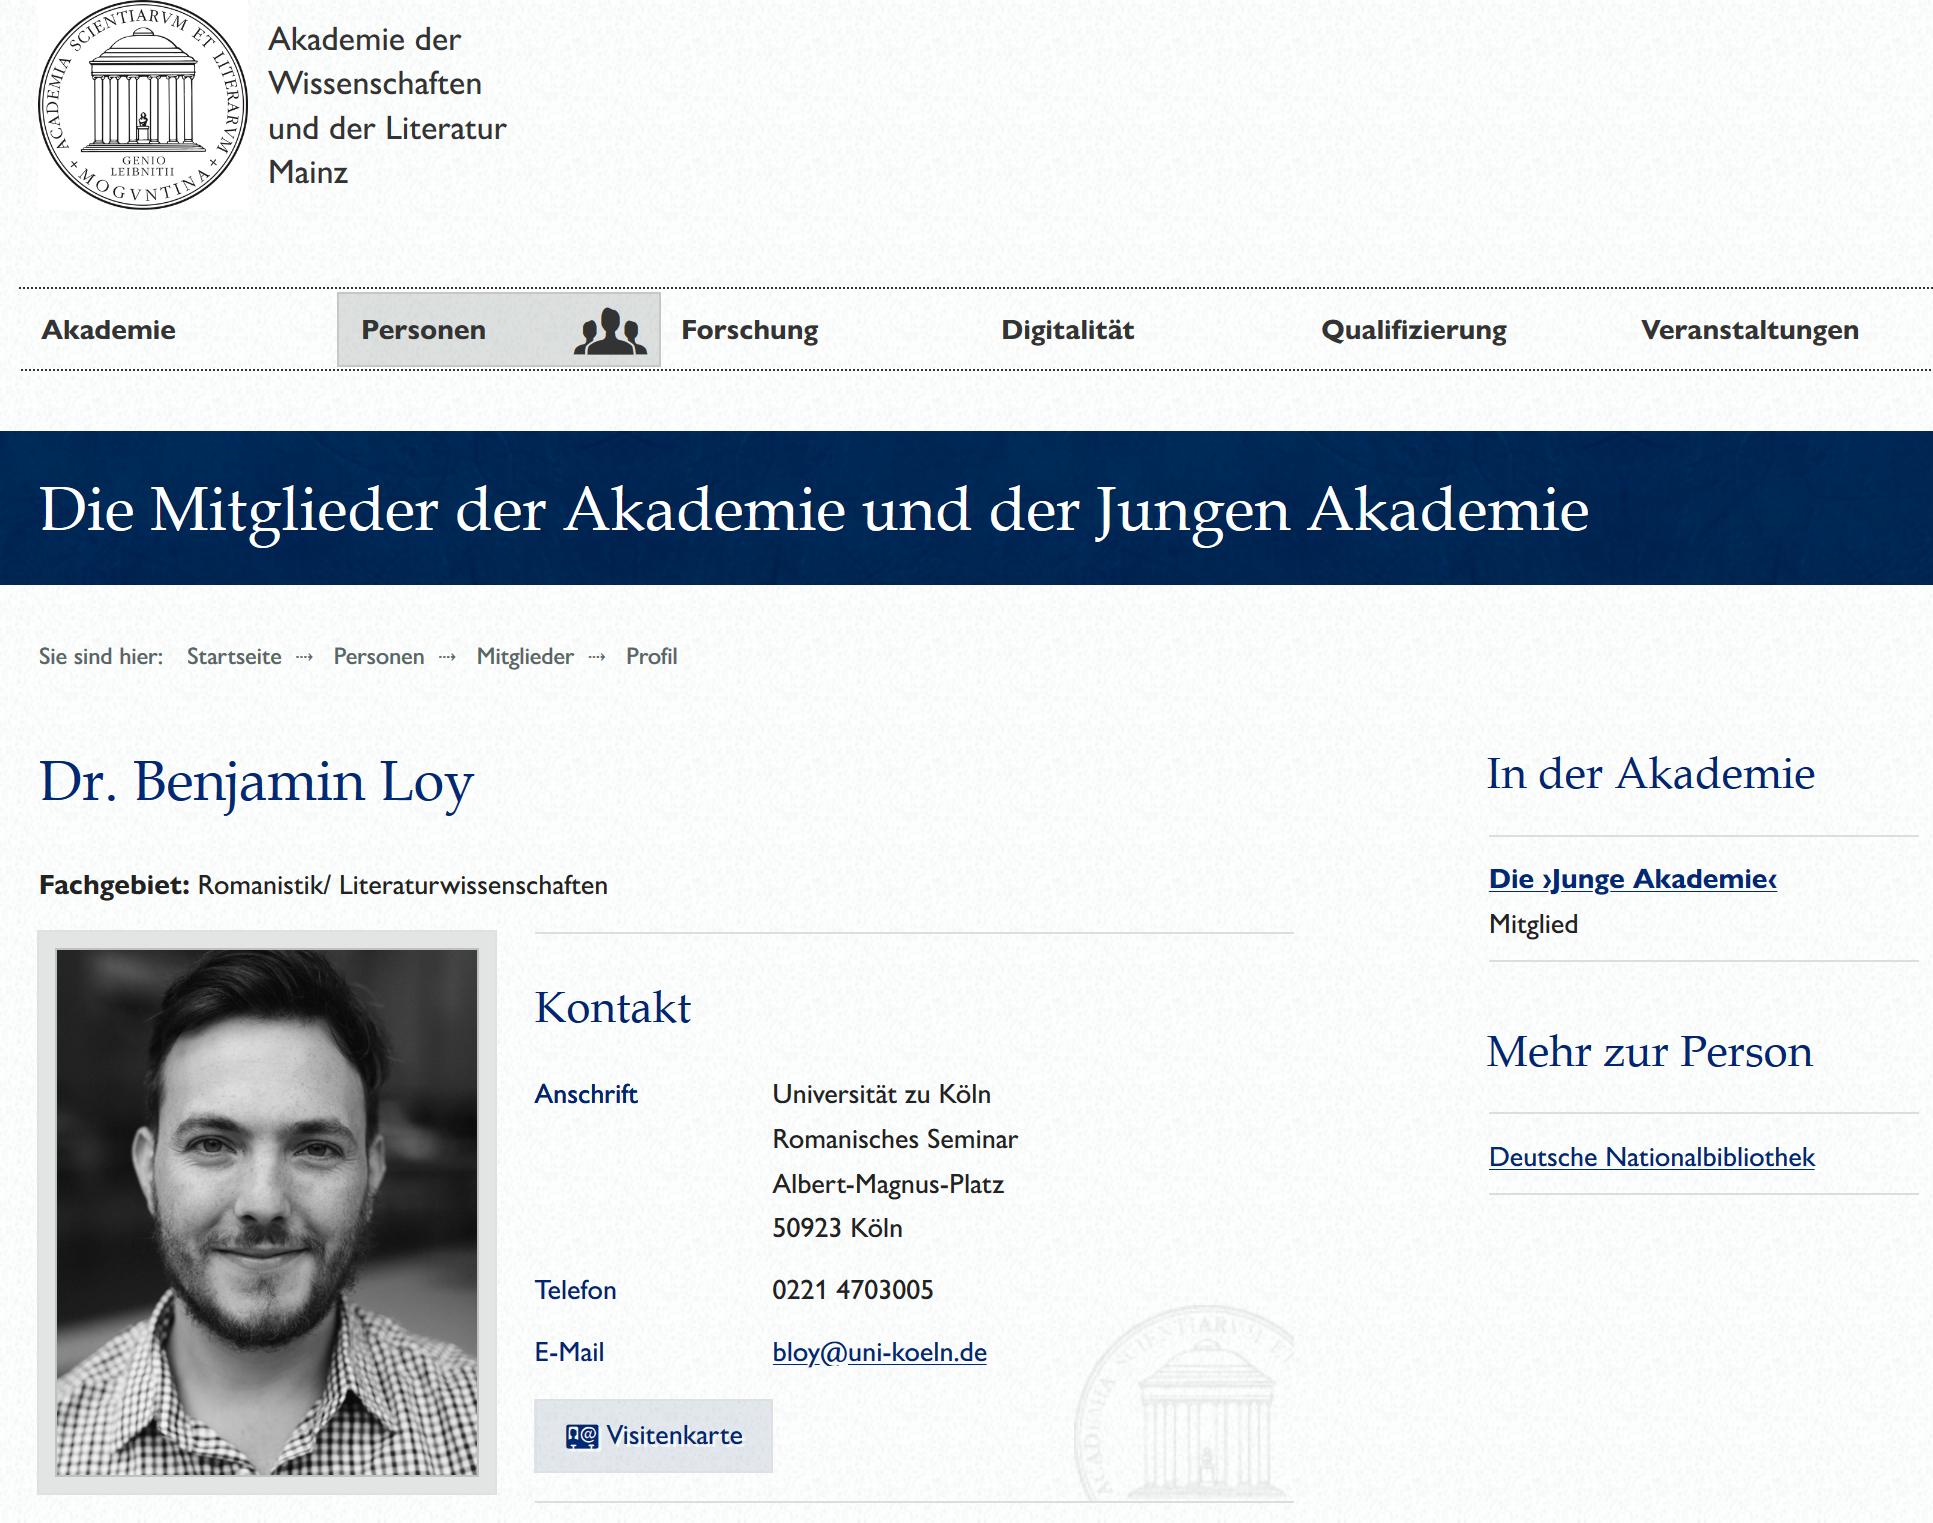 Screenshot_2020-05-06 Dr Benjamin Loy Akademie der Wissenschaften und der Literatur Mainz